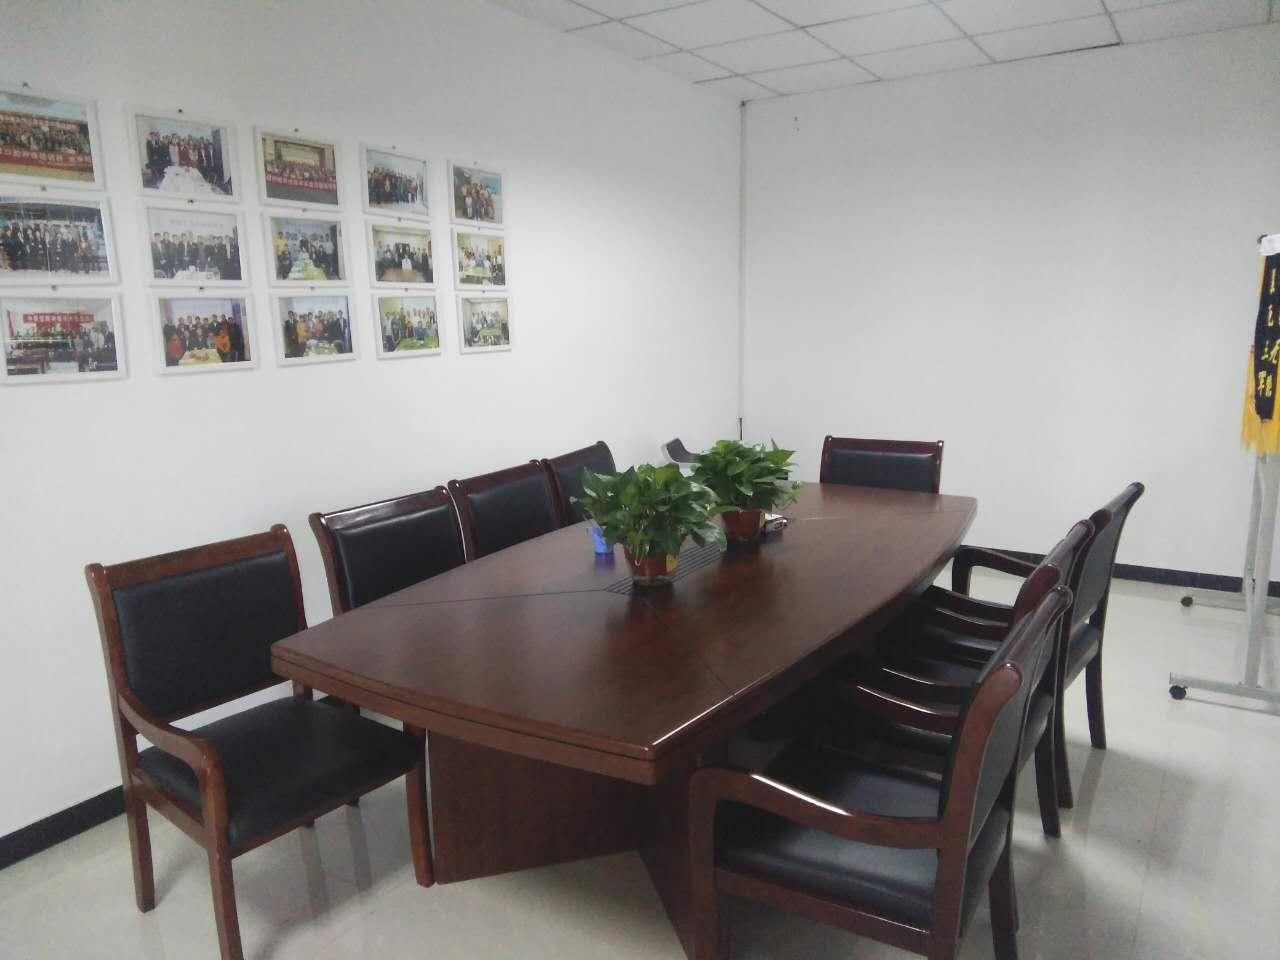 图片说明: 会议区